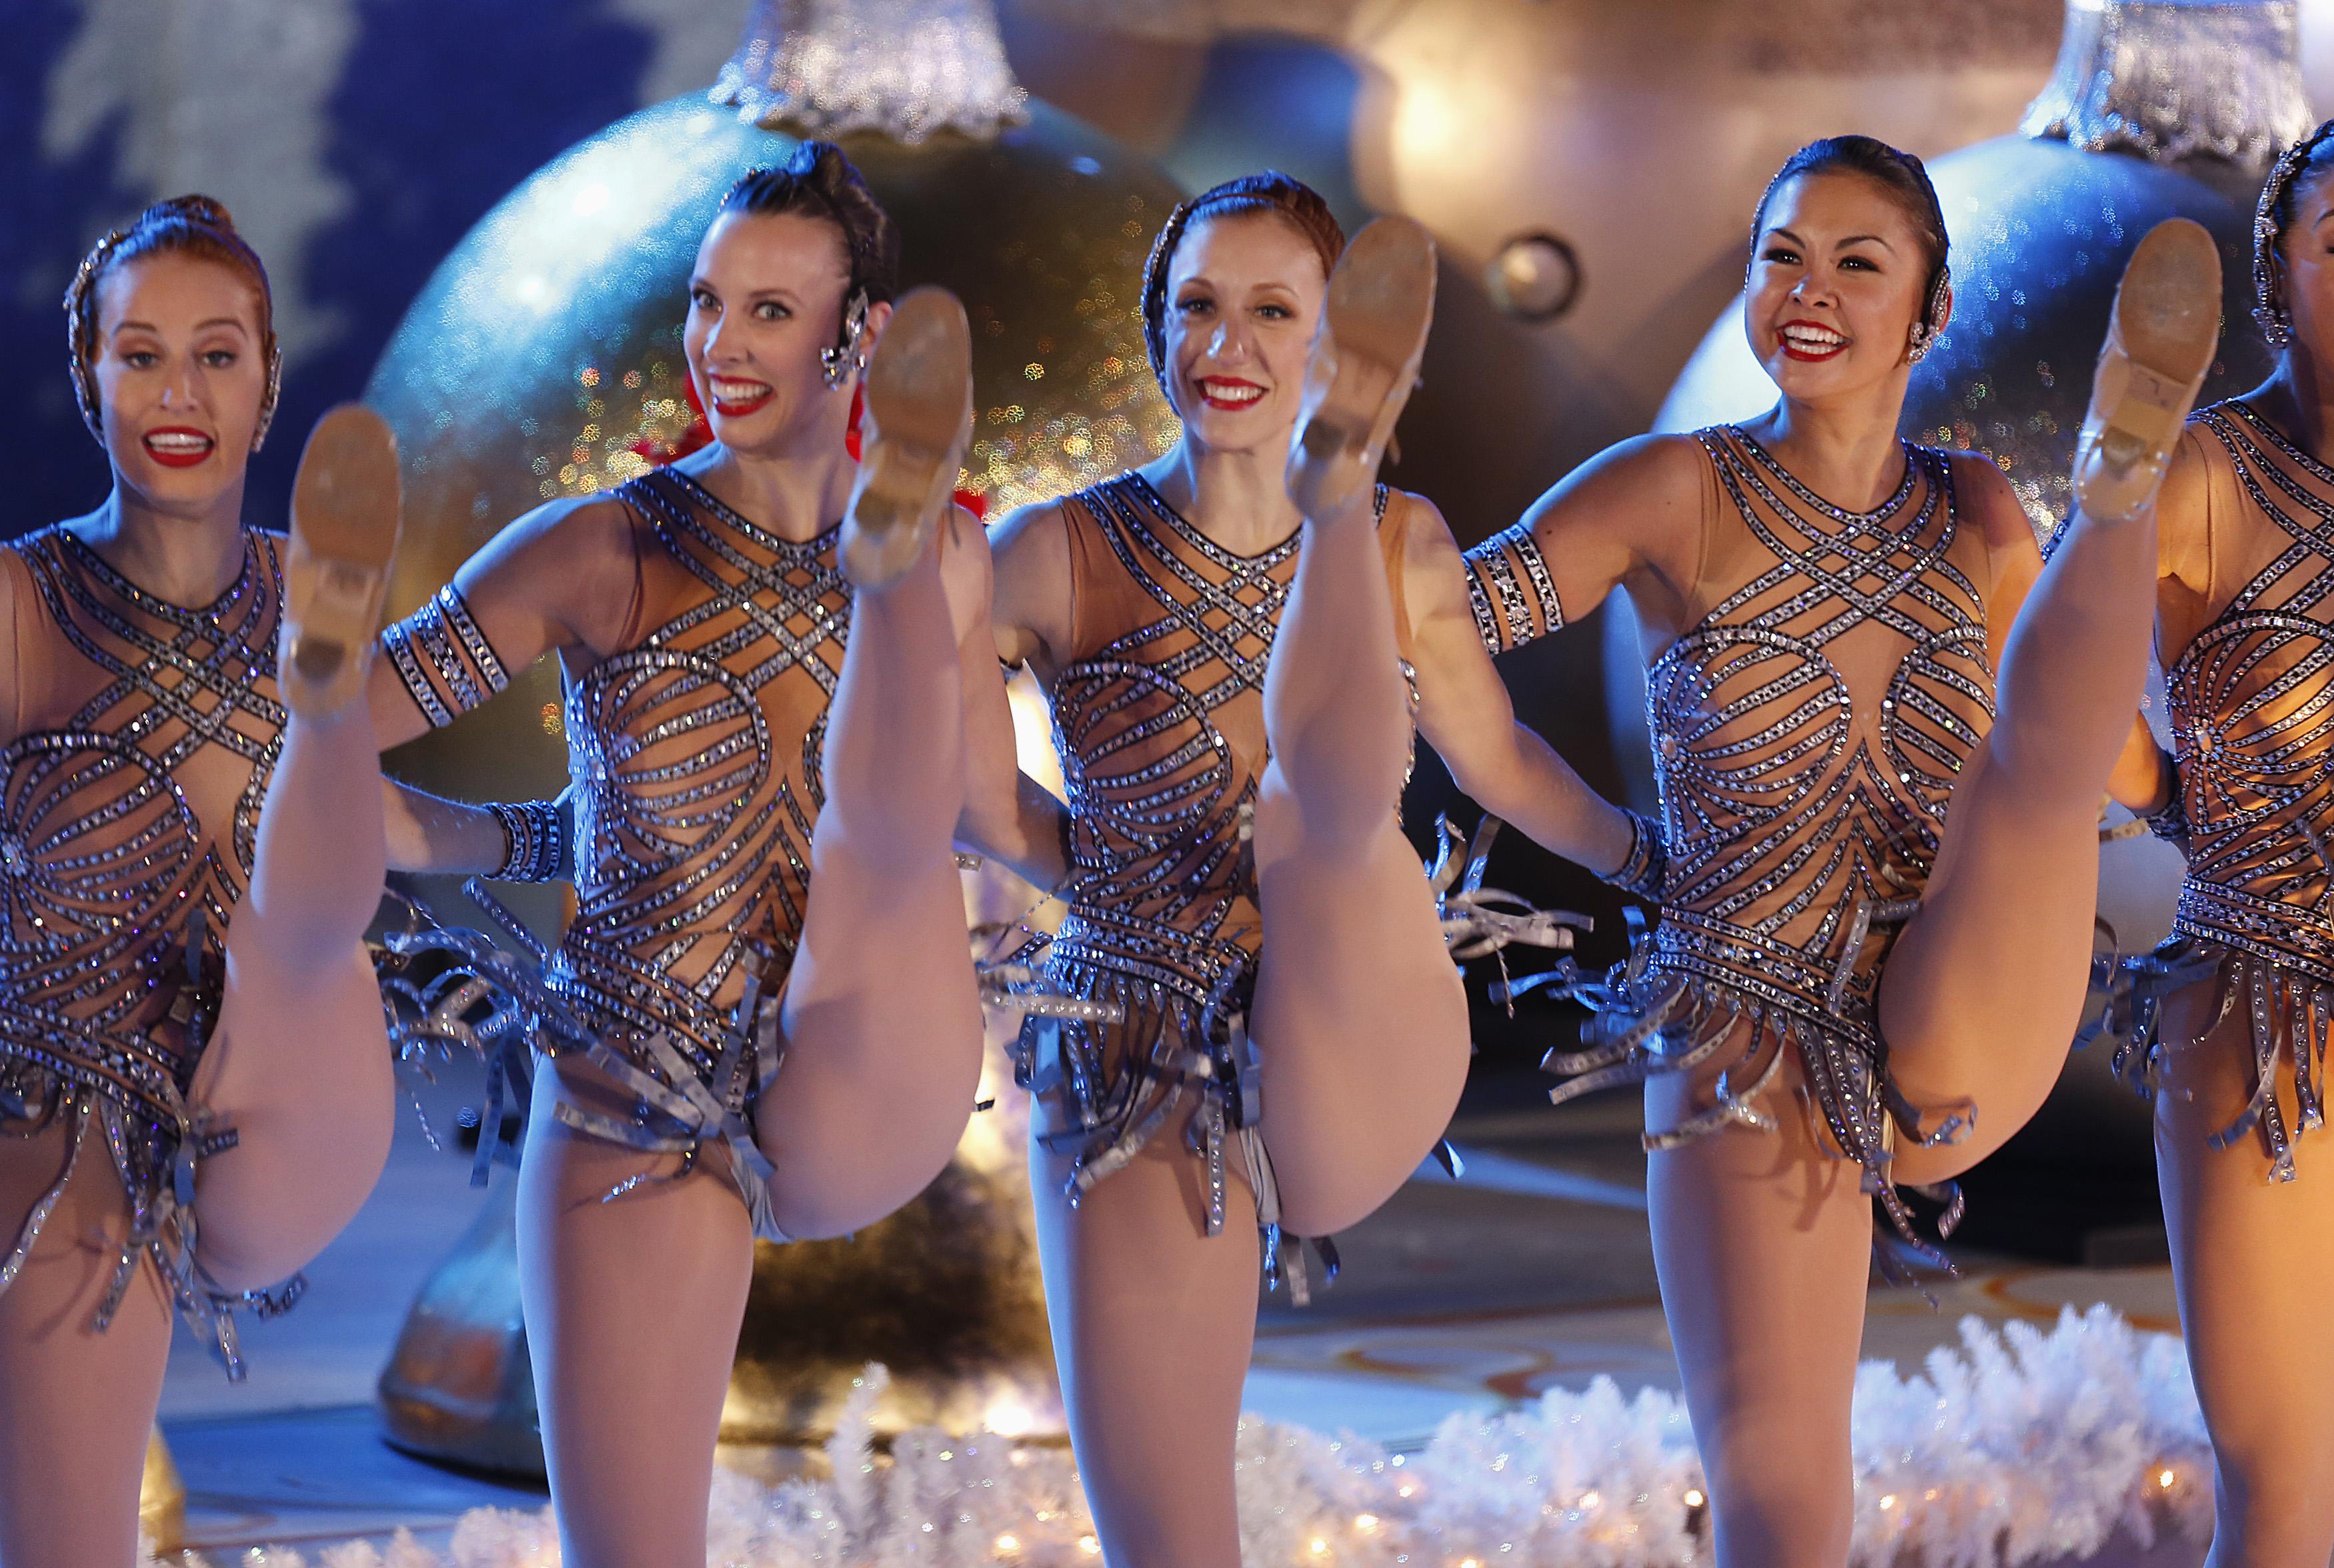 Танци голых девушек, Голые танцы 5 фотография